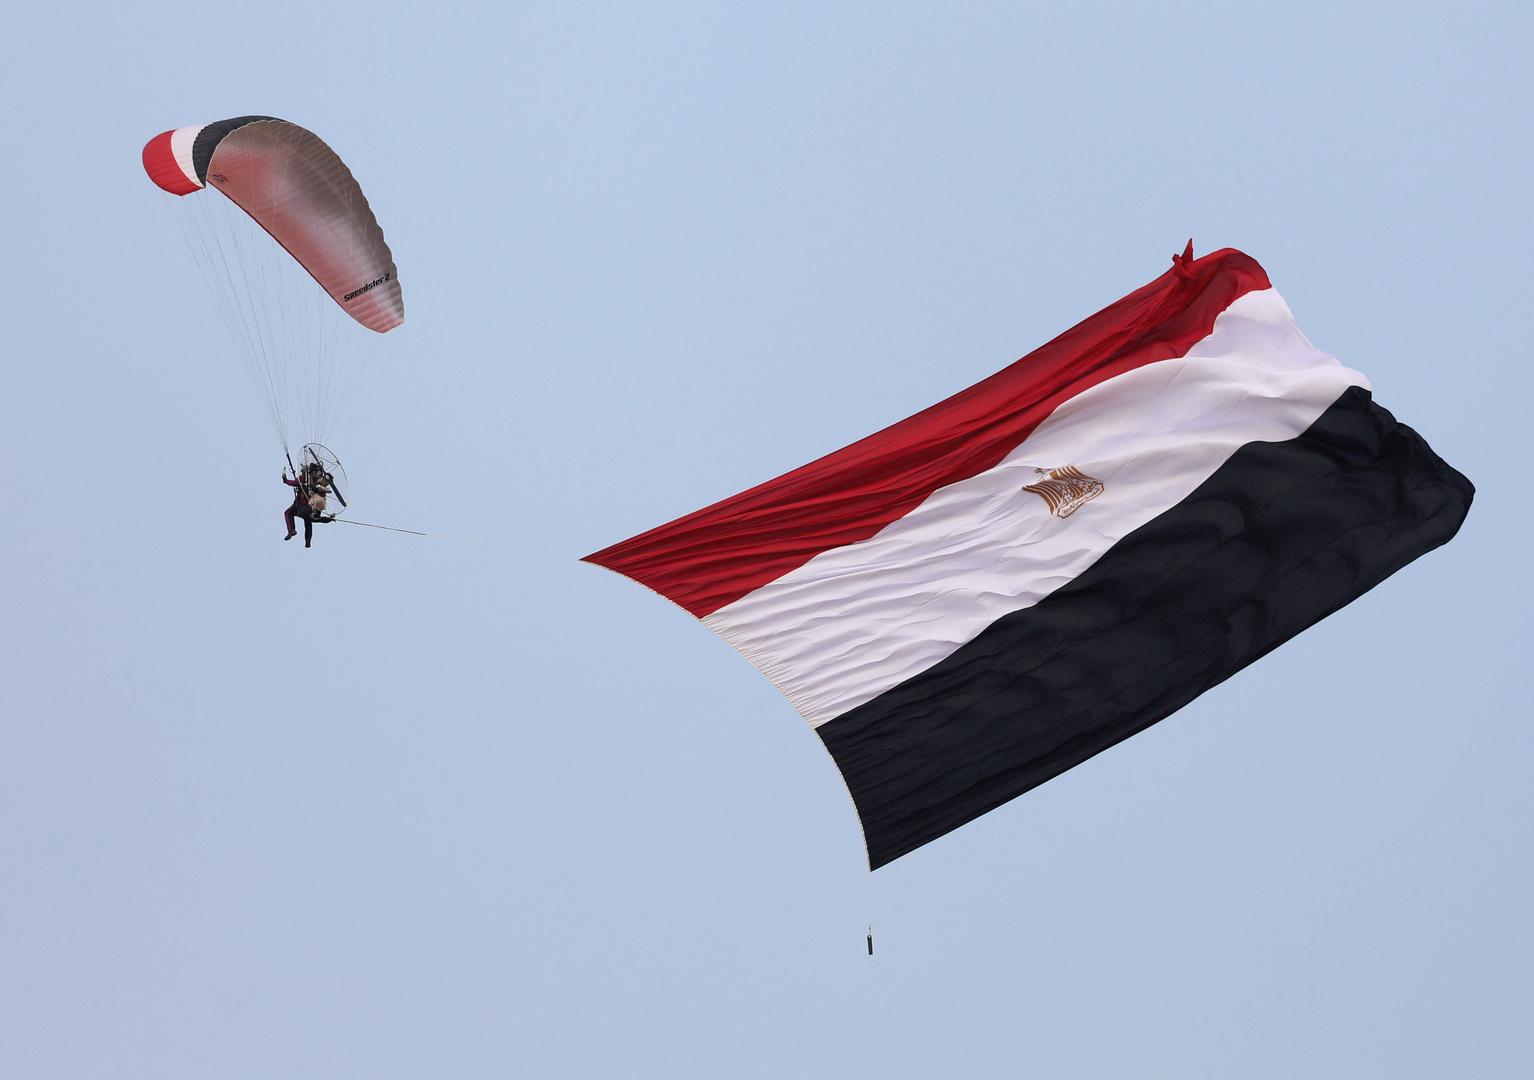 مصر ترسل أطنانا من المساعدات إلى فلسطين (صور)